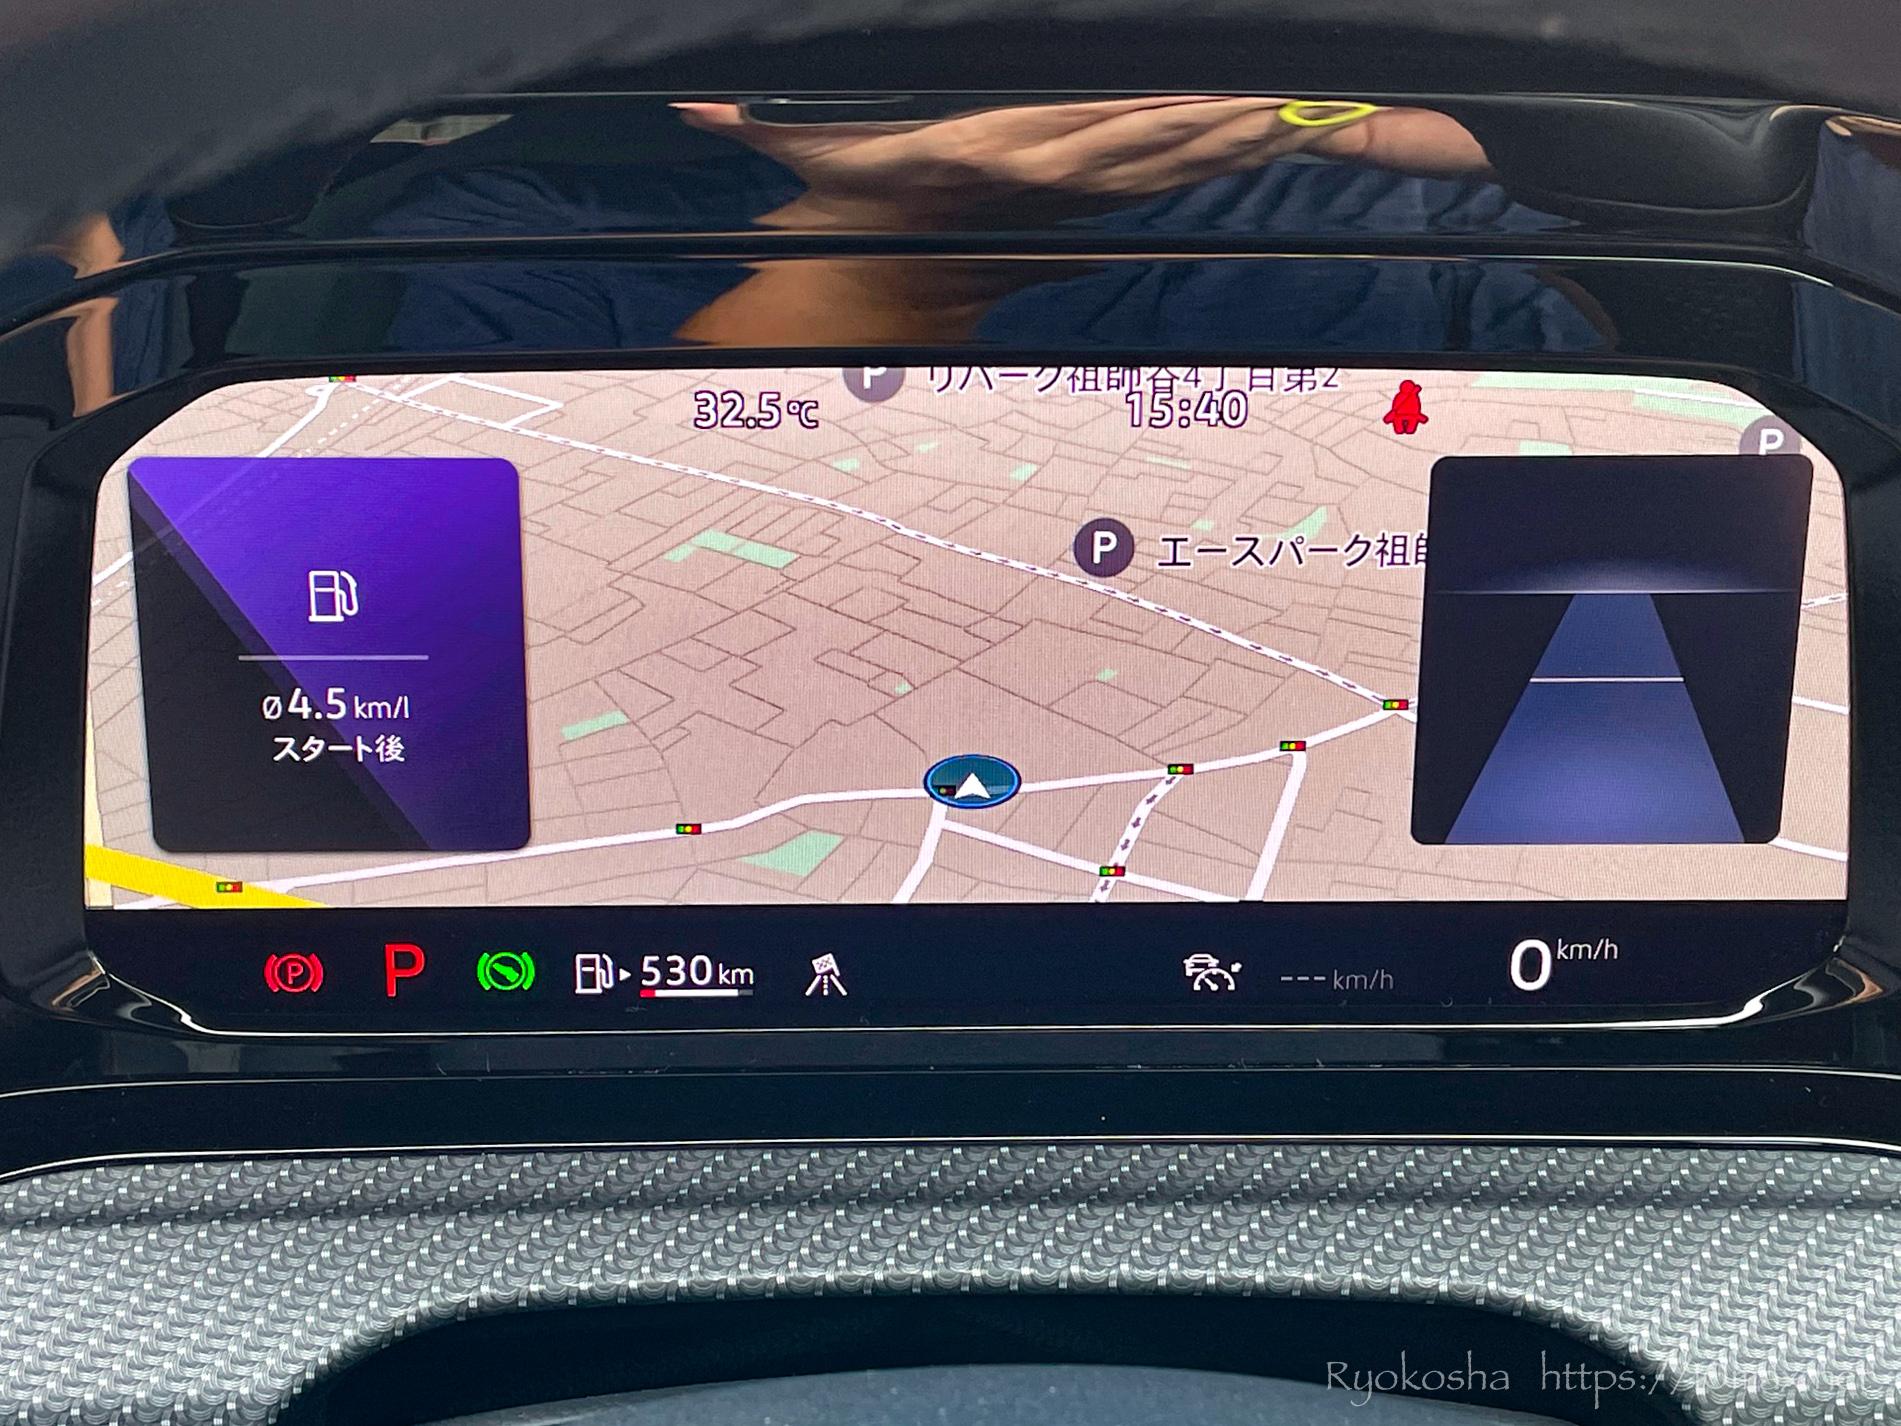 ゴルフヴァリアント ゴルフ8 R-Line 新型 2021年 試乗 Digital Cockpit Pro デジタルメータークラスタ